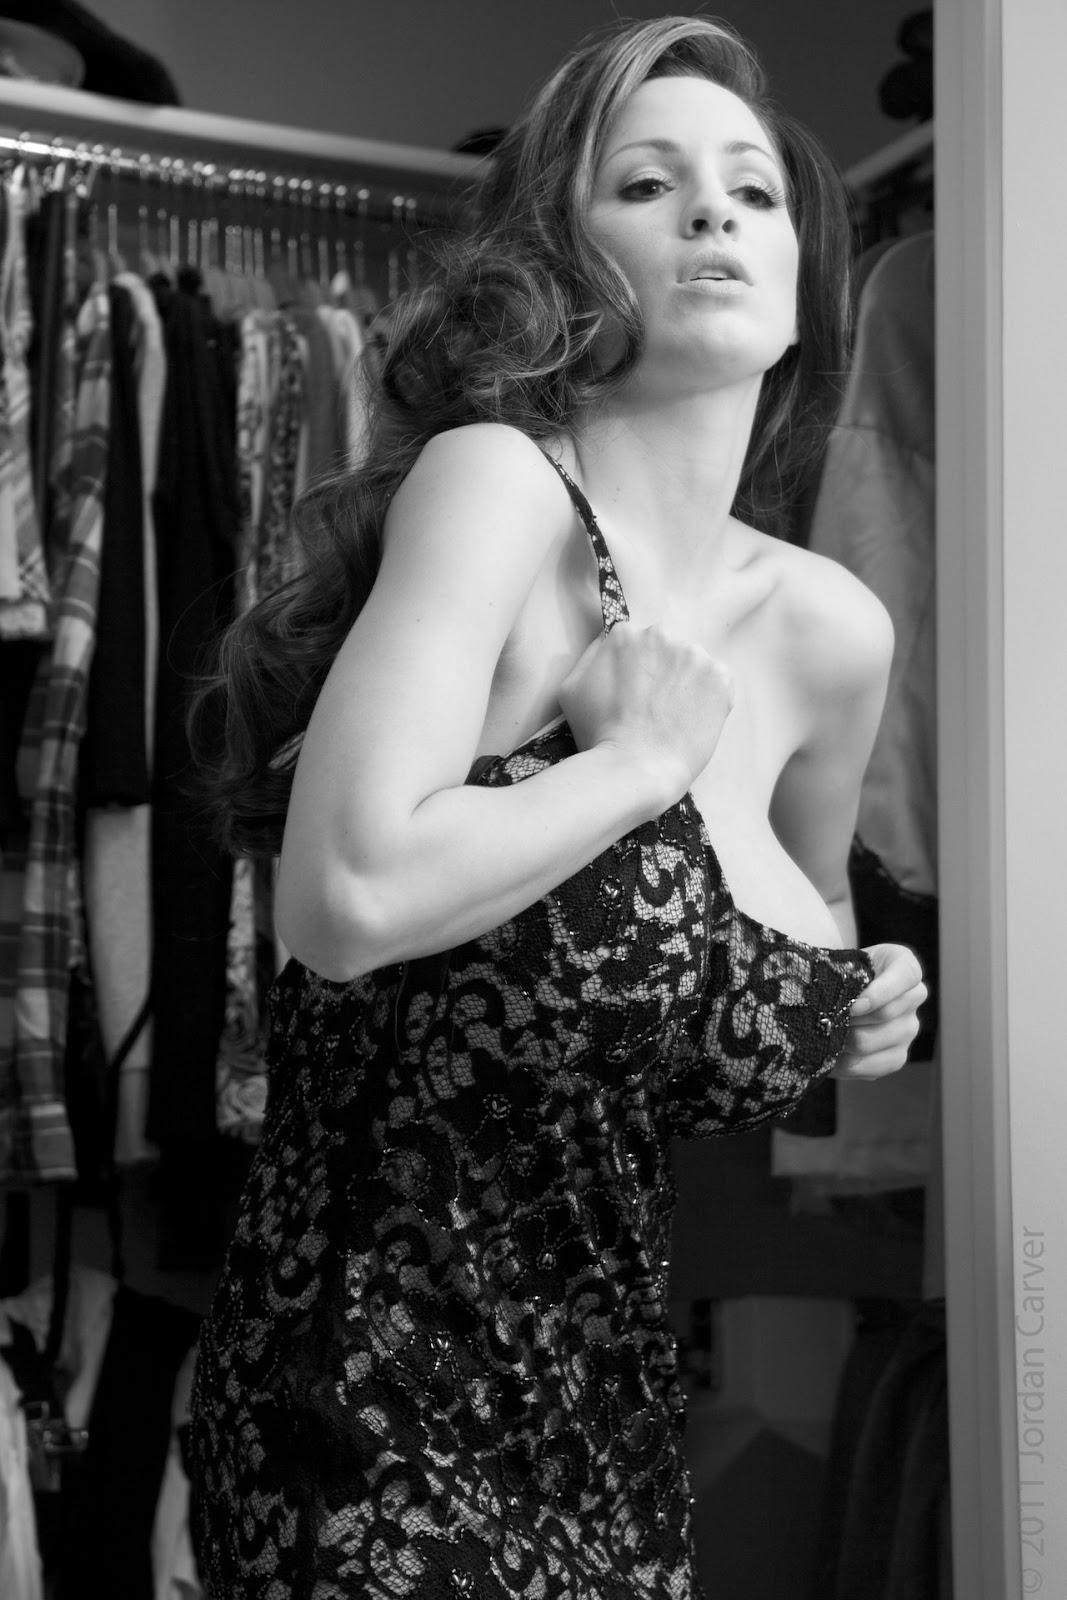 Jordan Carver: Wardrobe